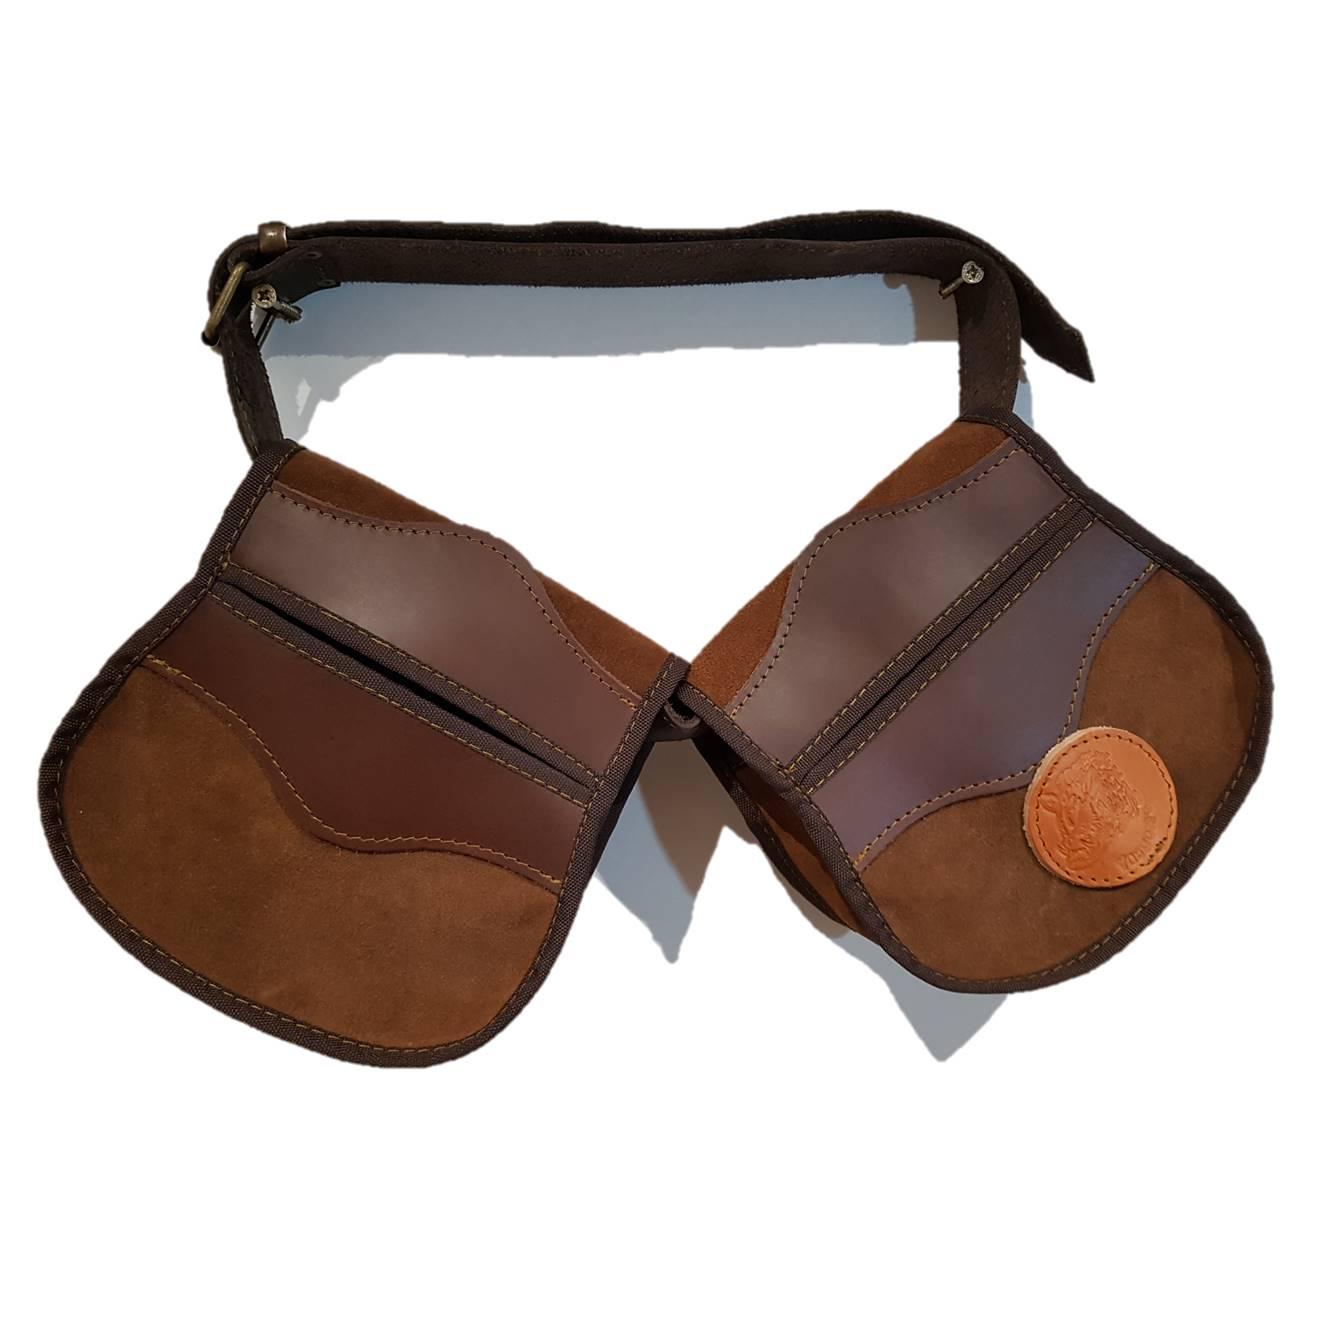 Bolsas porta cartuchos, faltriqueras y bolsas de ojeo